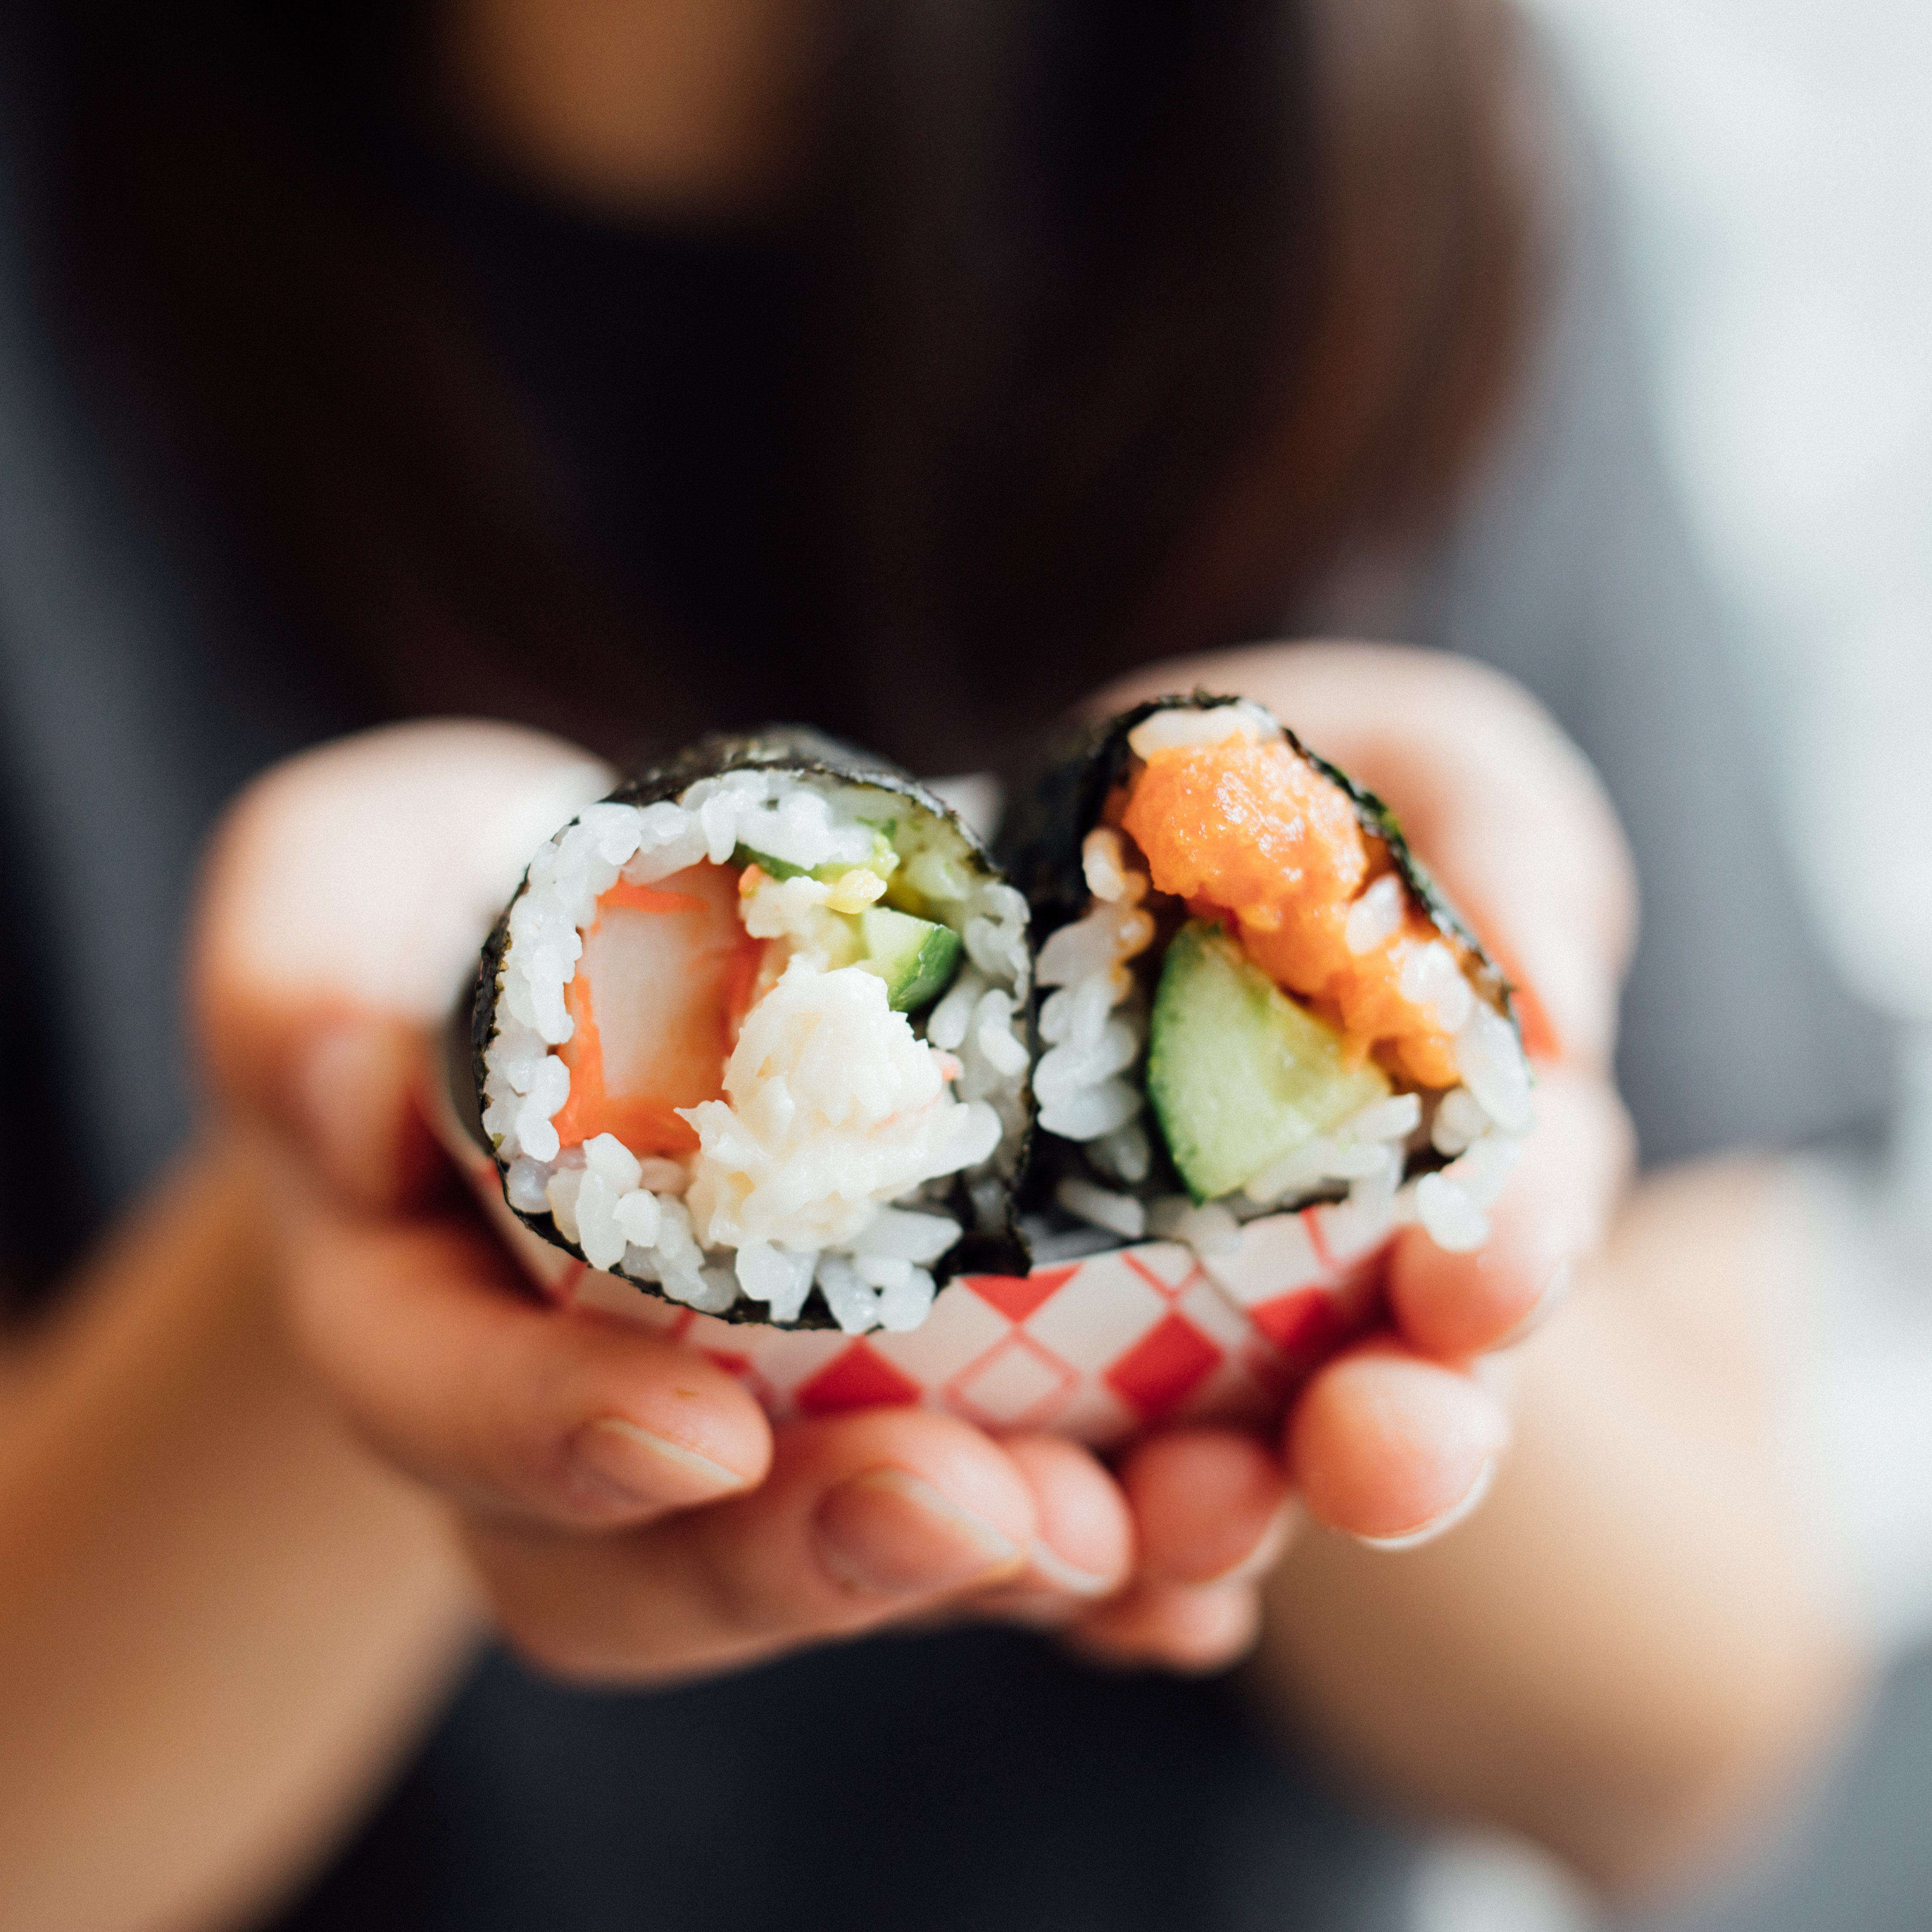 Ilustracja na dzień sushi w Olsztynie. Photo by Frank Zhang on Unsplash